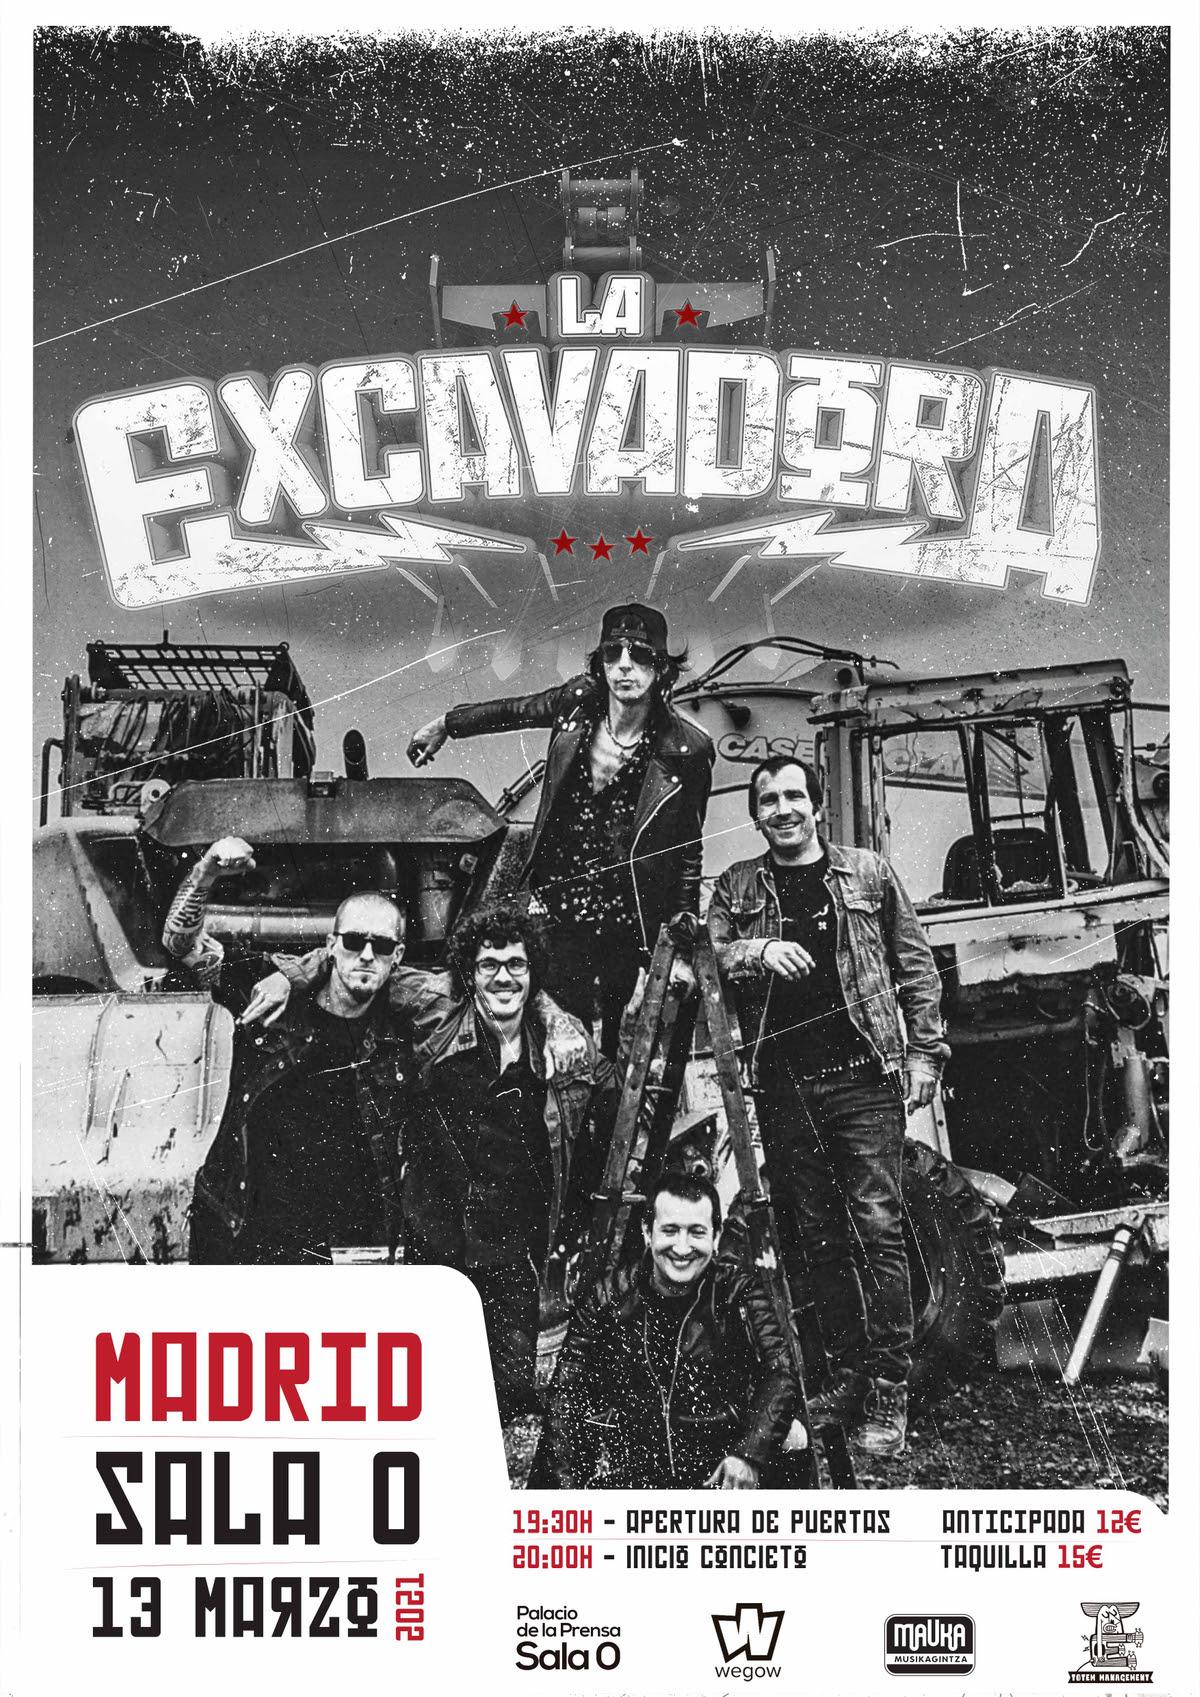 La Excavadora estará en Madrid el sábado 13 de marzo